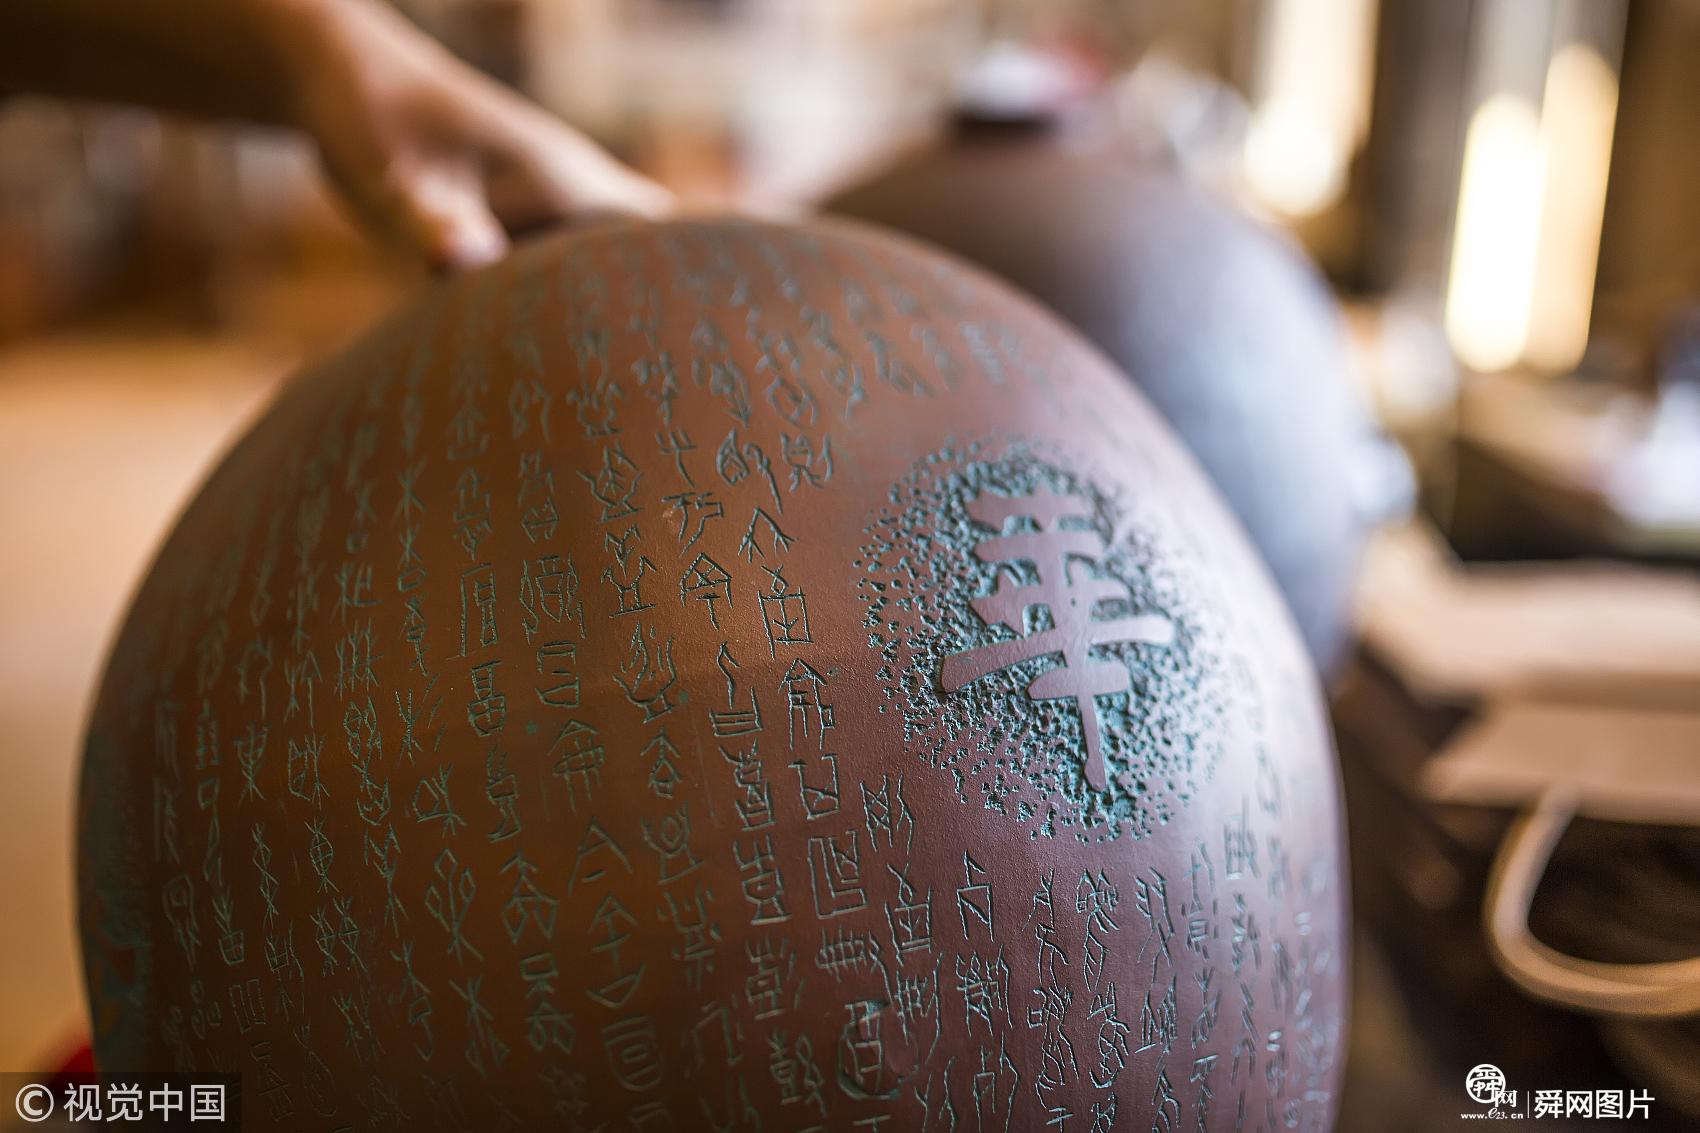 山東濱州男子創作中華傳統文化系列紫砂瓶 刻繪甲骨文2606個